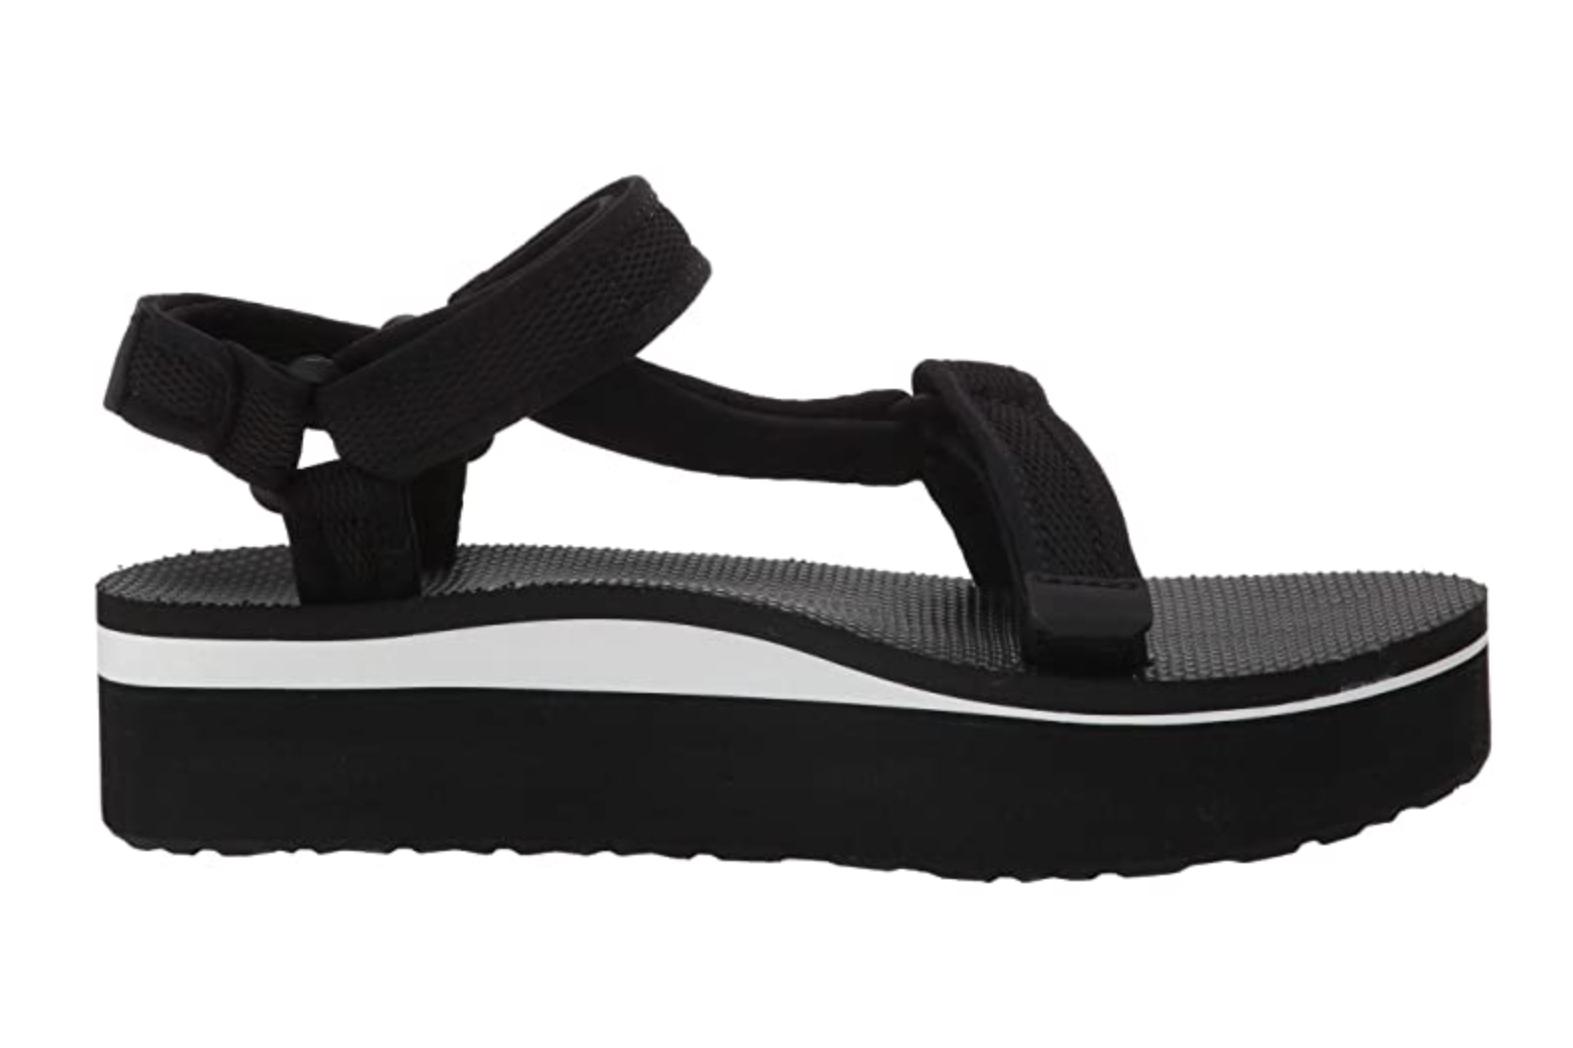 teva sandals review